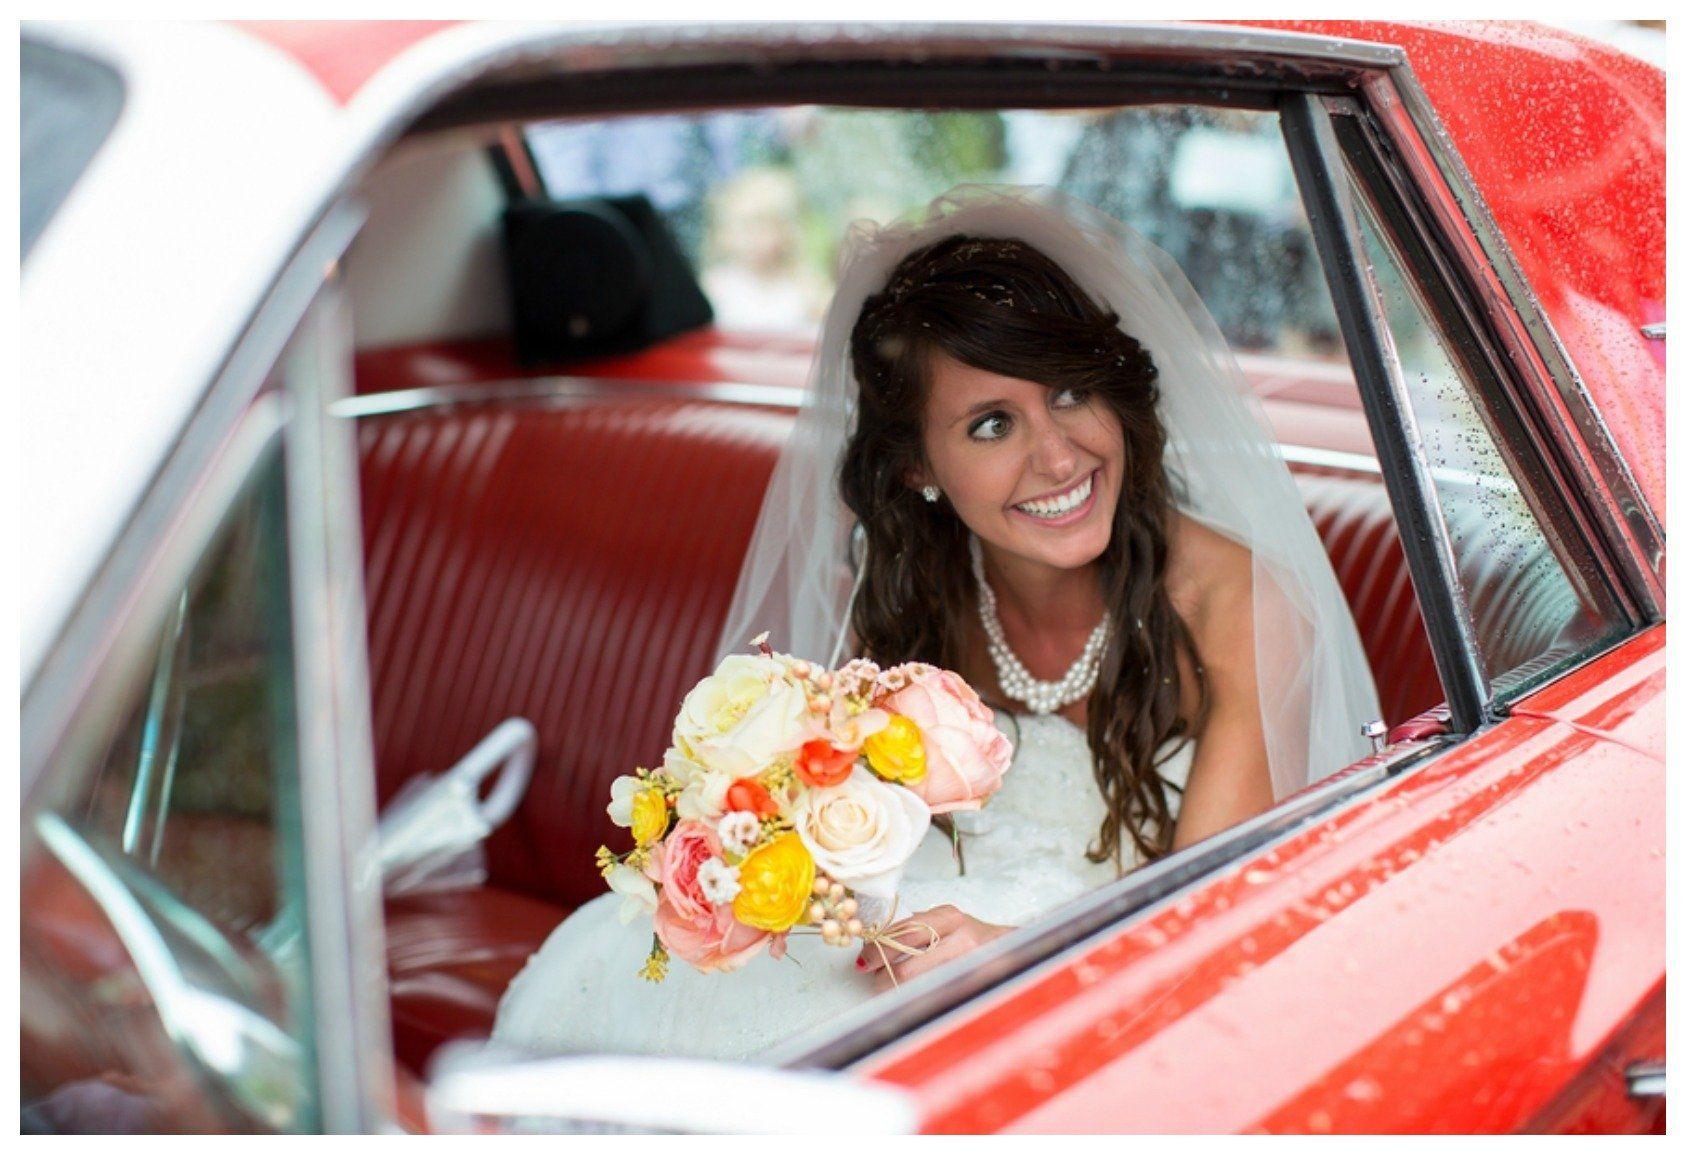 Red Mustang Wedding Car